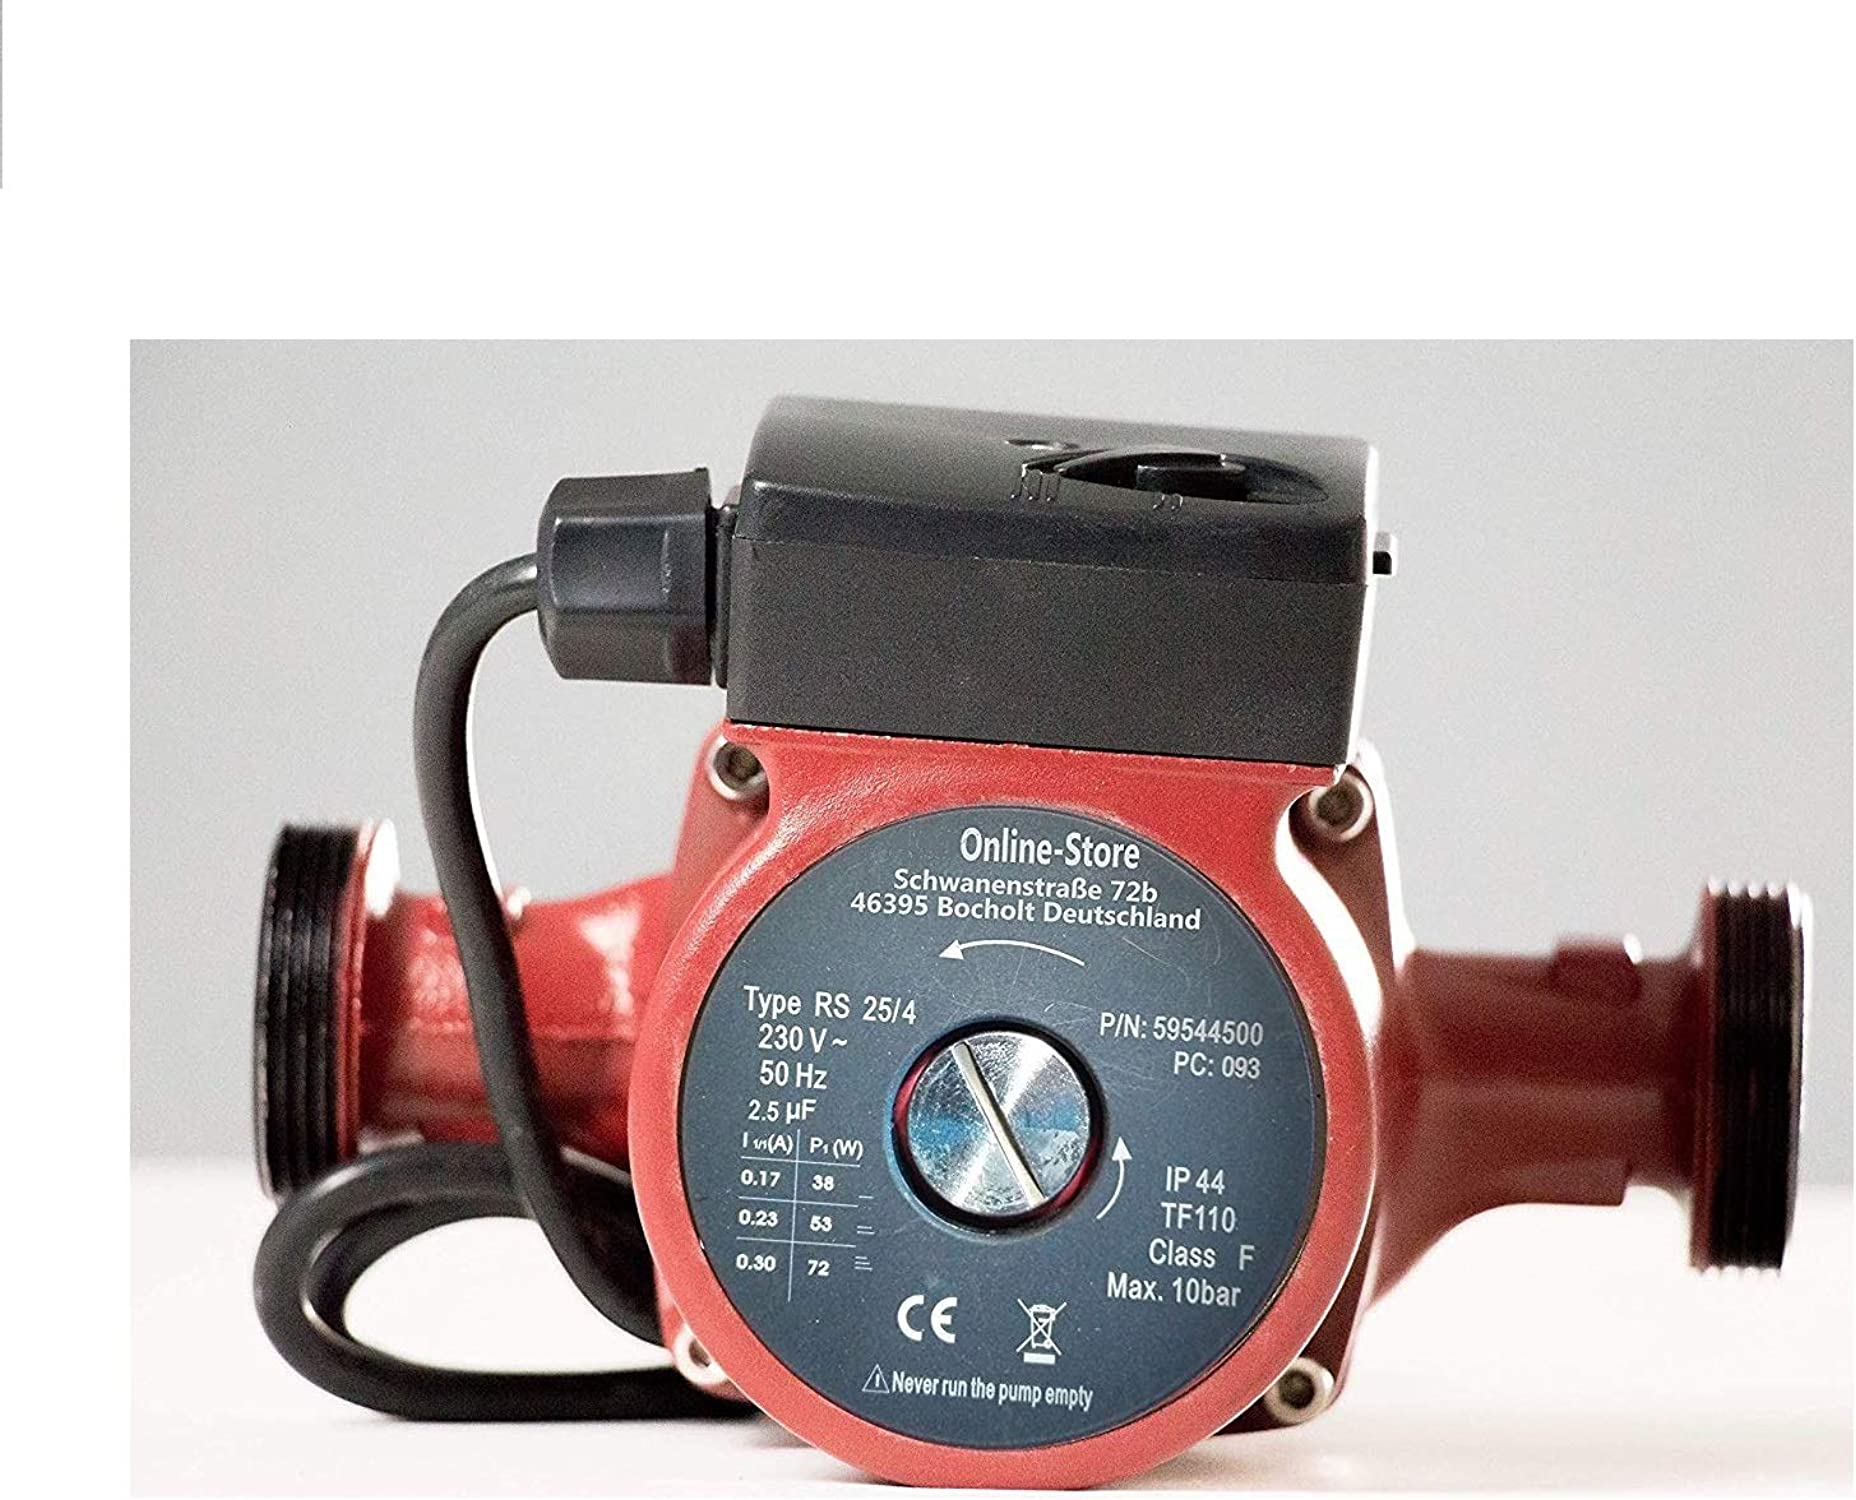 Circulador doméstico RS 25 4-180 Bomba de circulación Circuladoras bomba recirculadora solar Bombas calderas parqa calefaccion y agua caliente